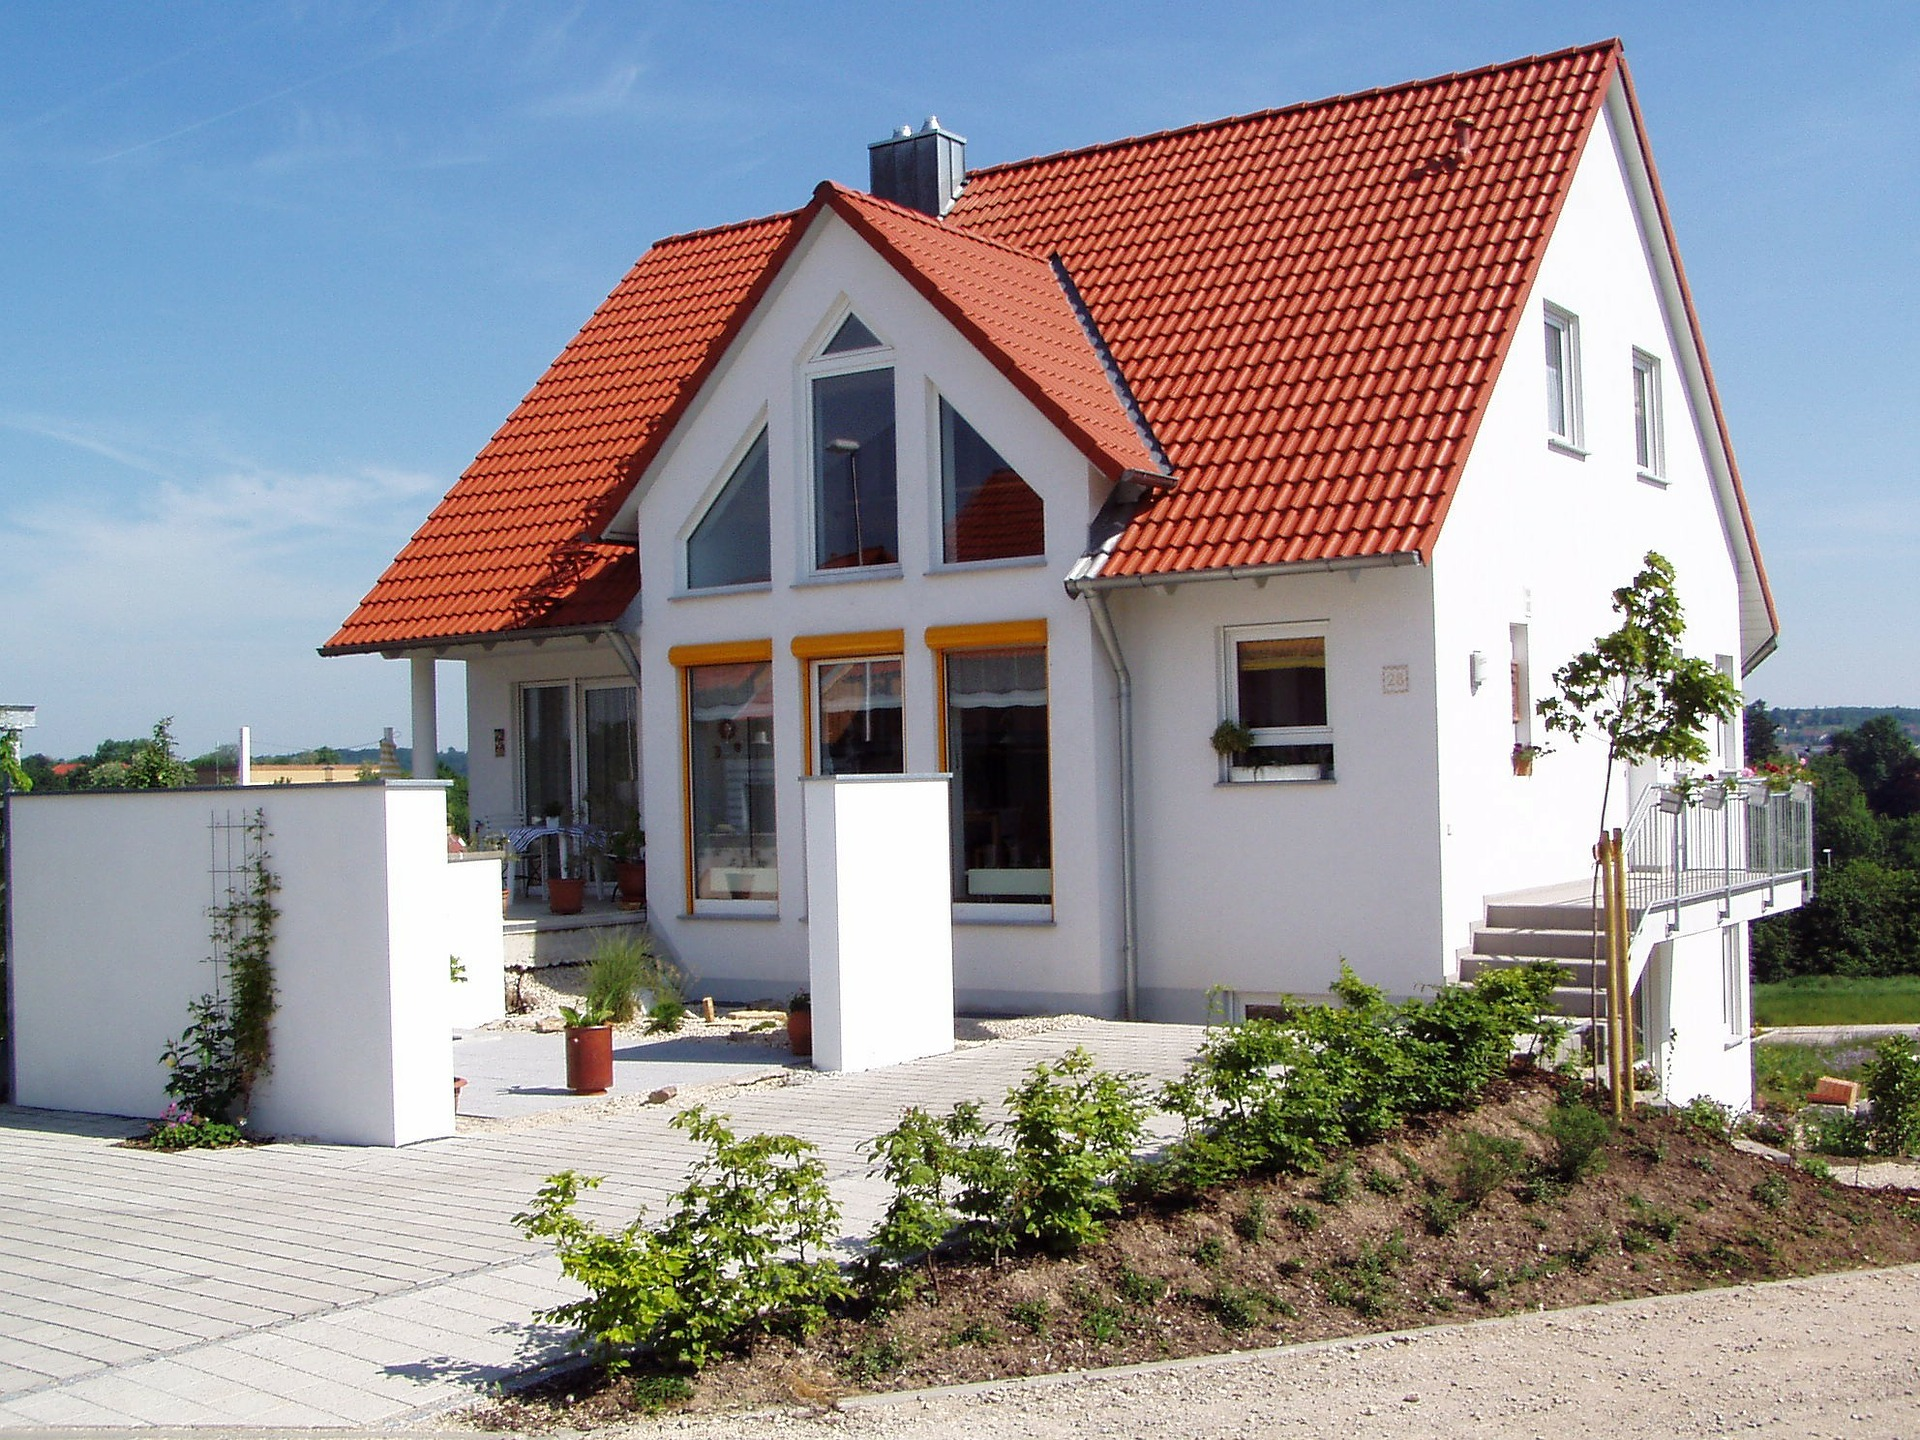 Haus Einfamilienhaus Wertermittlung